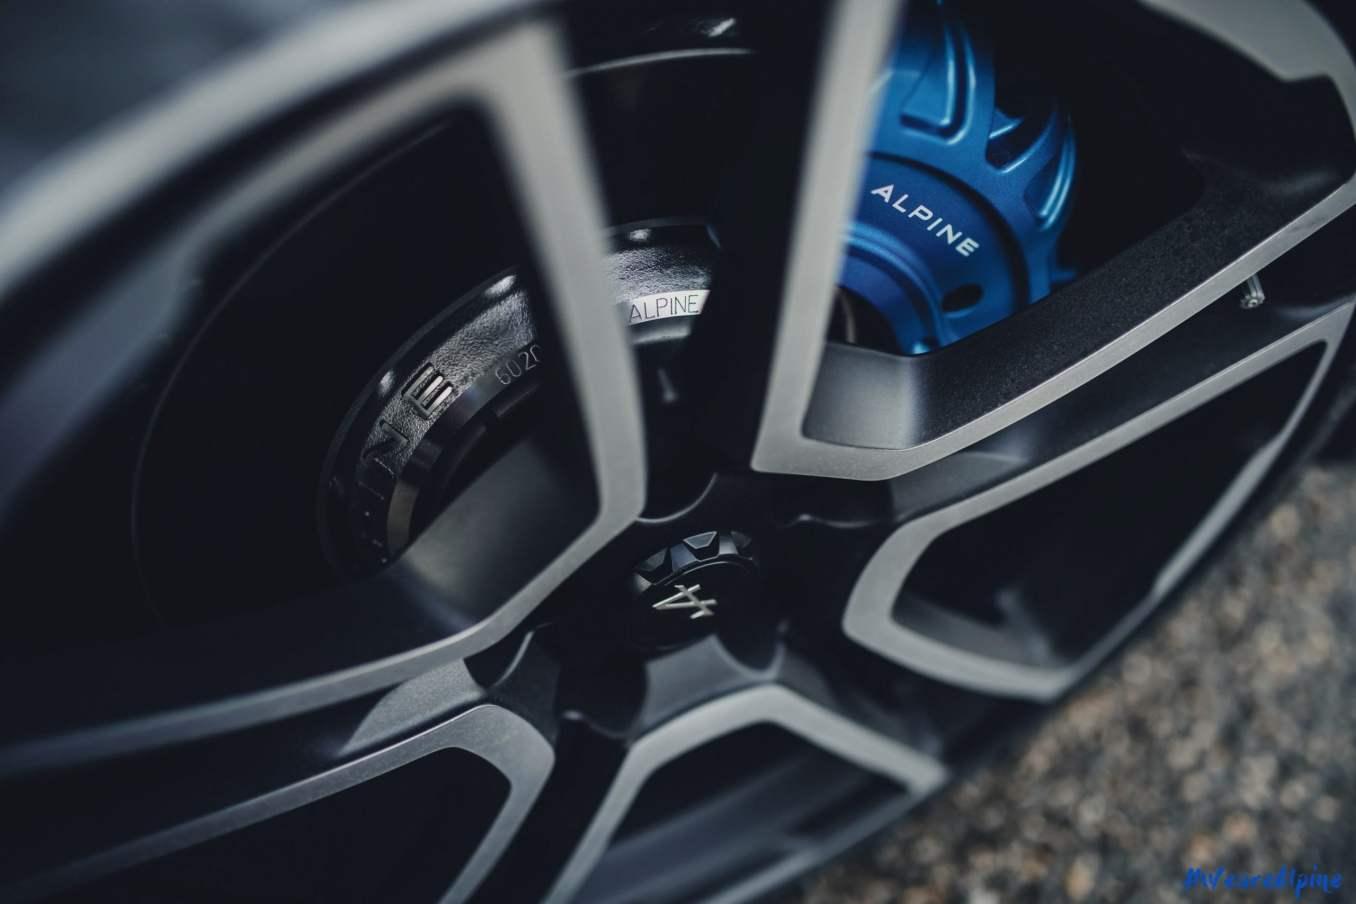 Genève 2017 Alpine A110 Premiere edition officielle 1 imp scaled | Salon de Genève 2017, toutes les informations officielles de l'Alpine A110 !